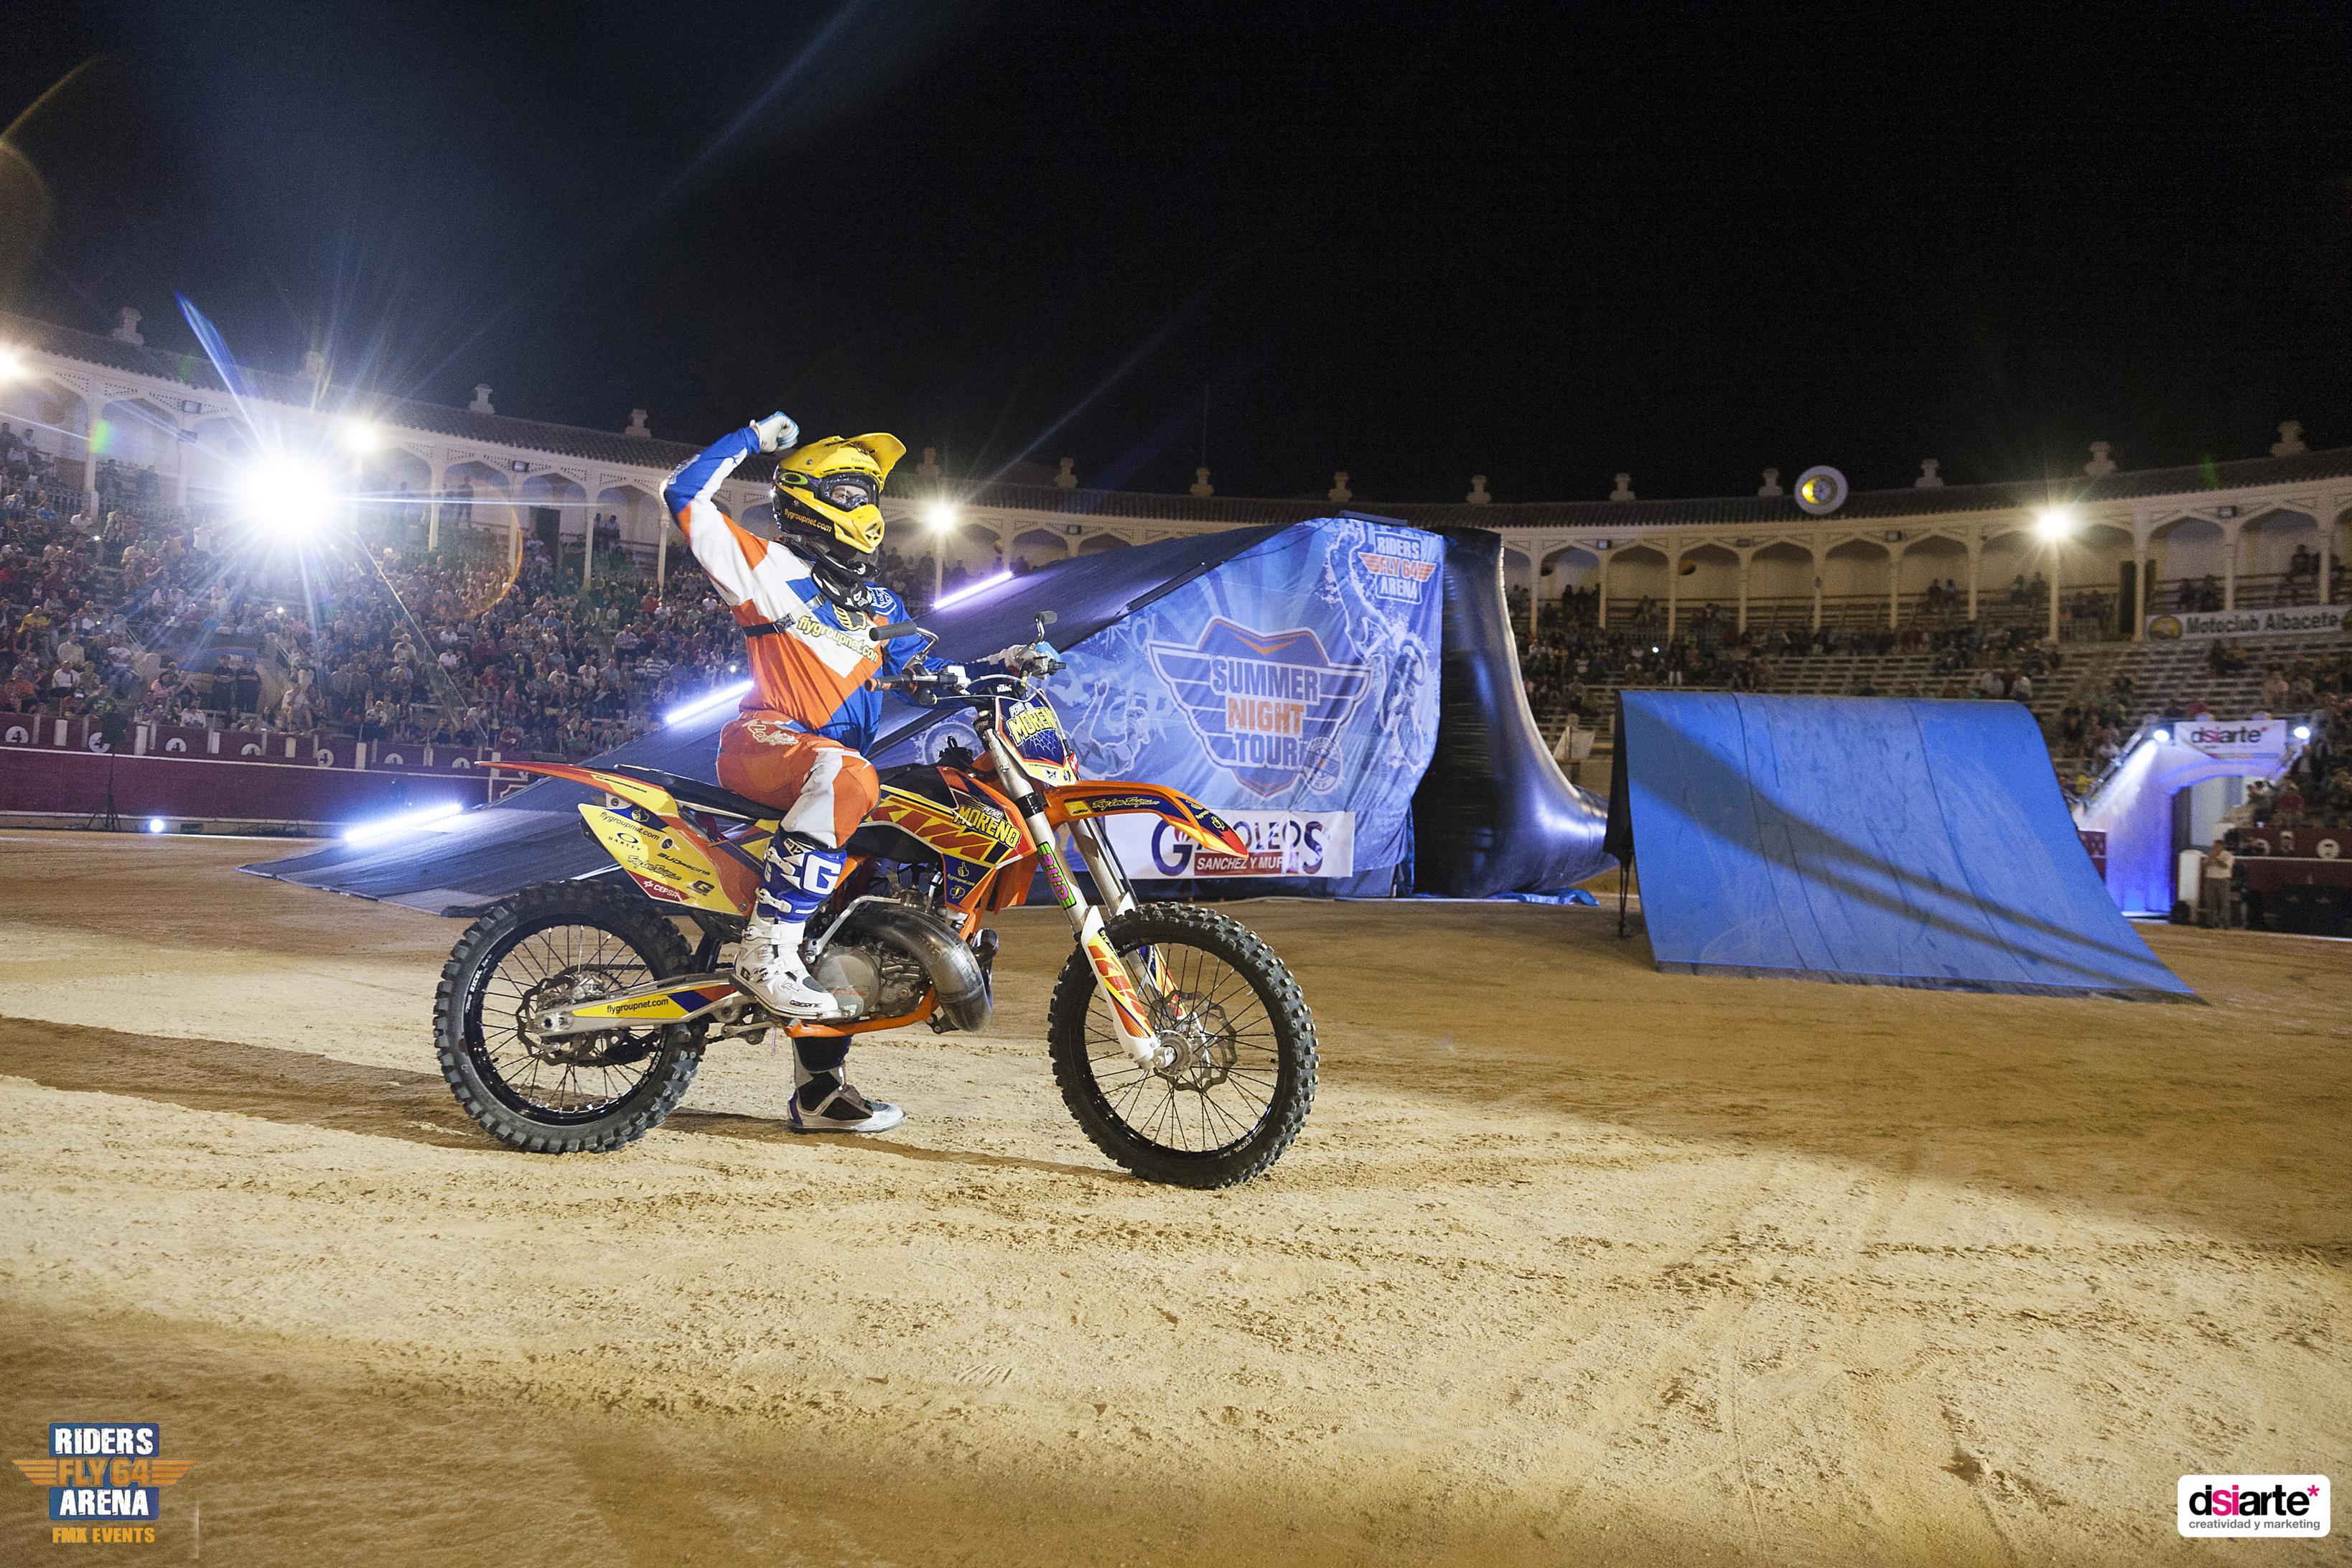 Fotografía de eventos y espectaculos Albacete Summer Night Tour 2015, freestyle motocross cup 2015